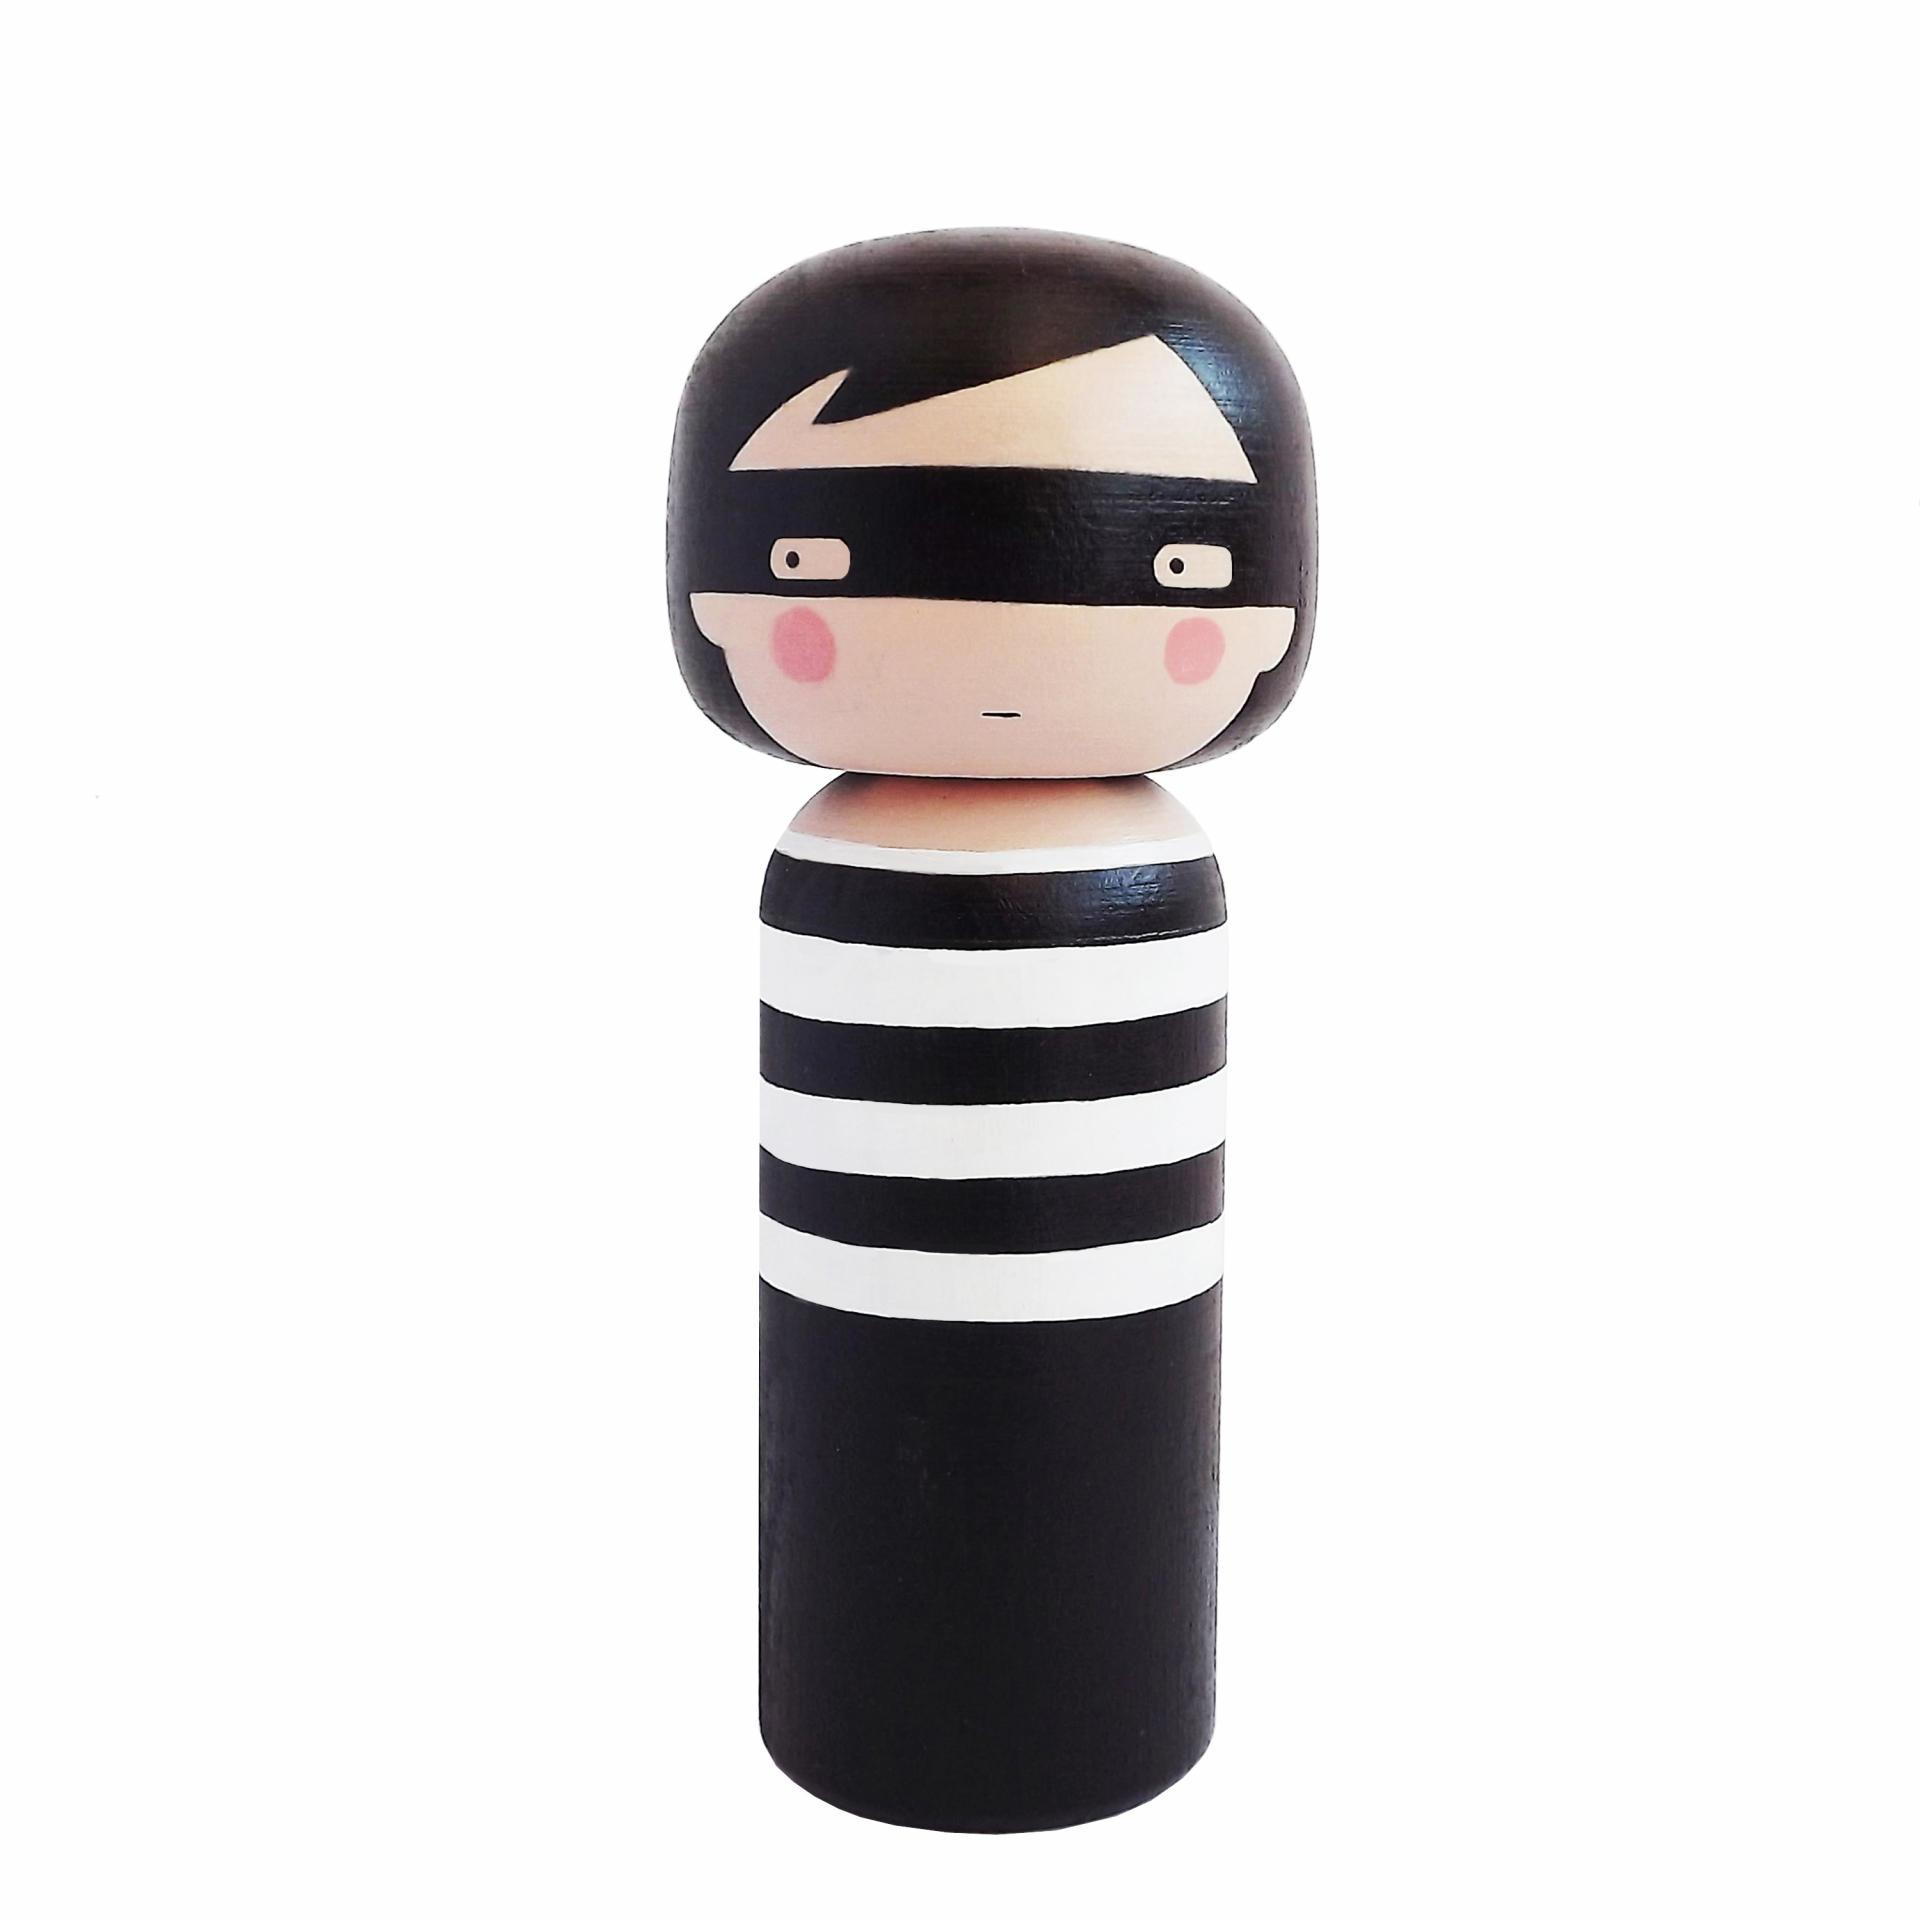 Lucie Kaas Dřevěná kokeshi panenka THIEF 14,5 cm, černá barva, dřevo